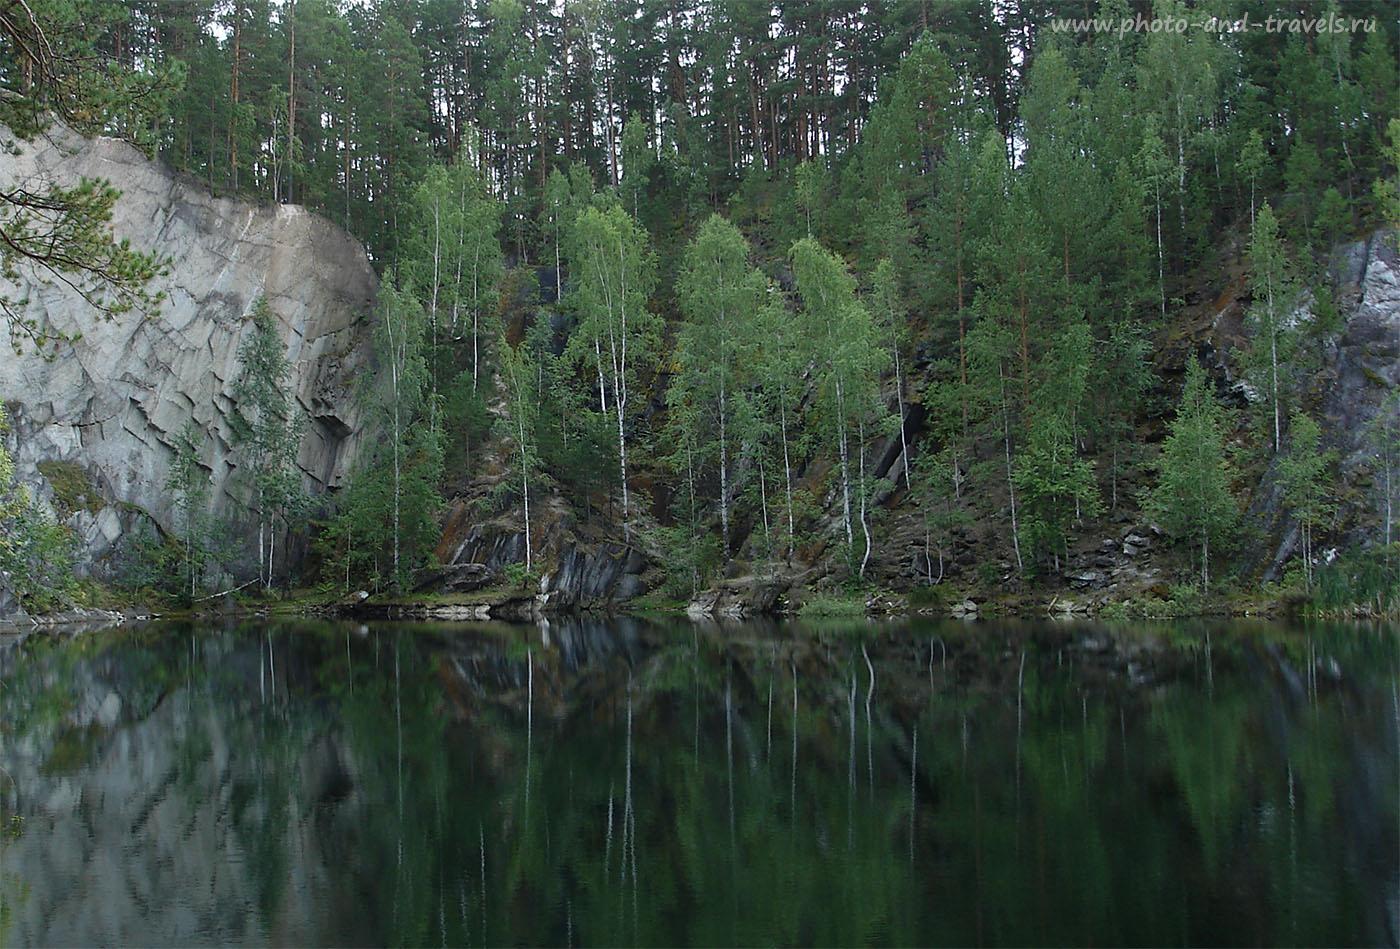 Фотография 2. Изумрудные воды озера Тальков камень в природном парке Бажовские места. Какая красота в окрестностях Екатеринбурга! И добраться сюда на машине займет, от силы, минут сорок.